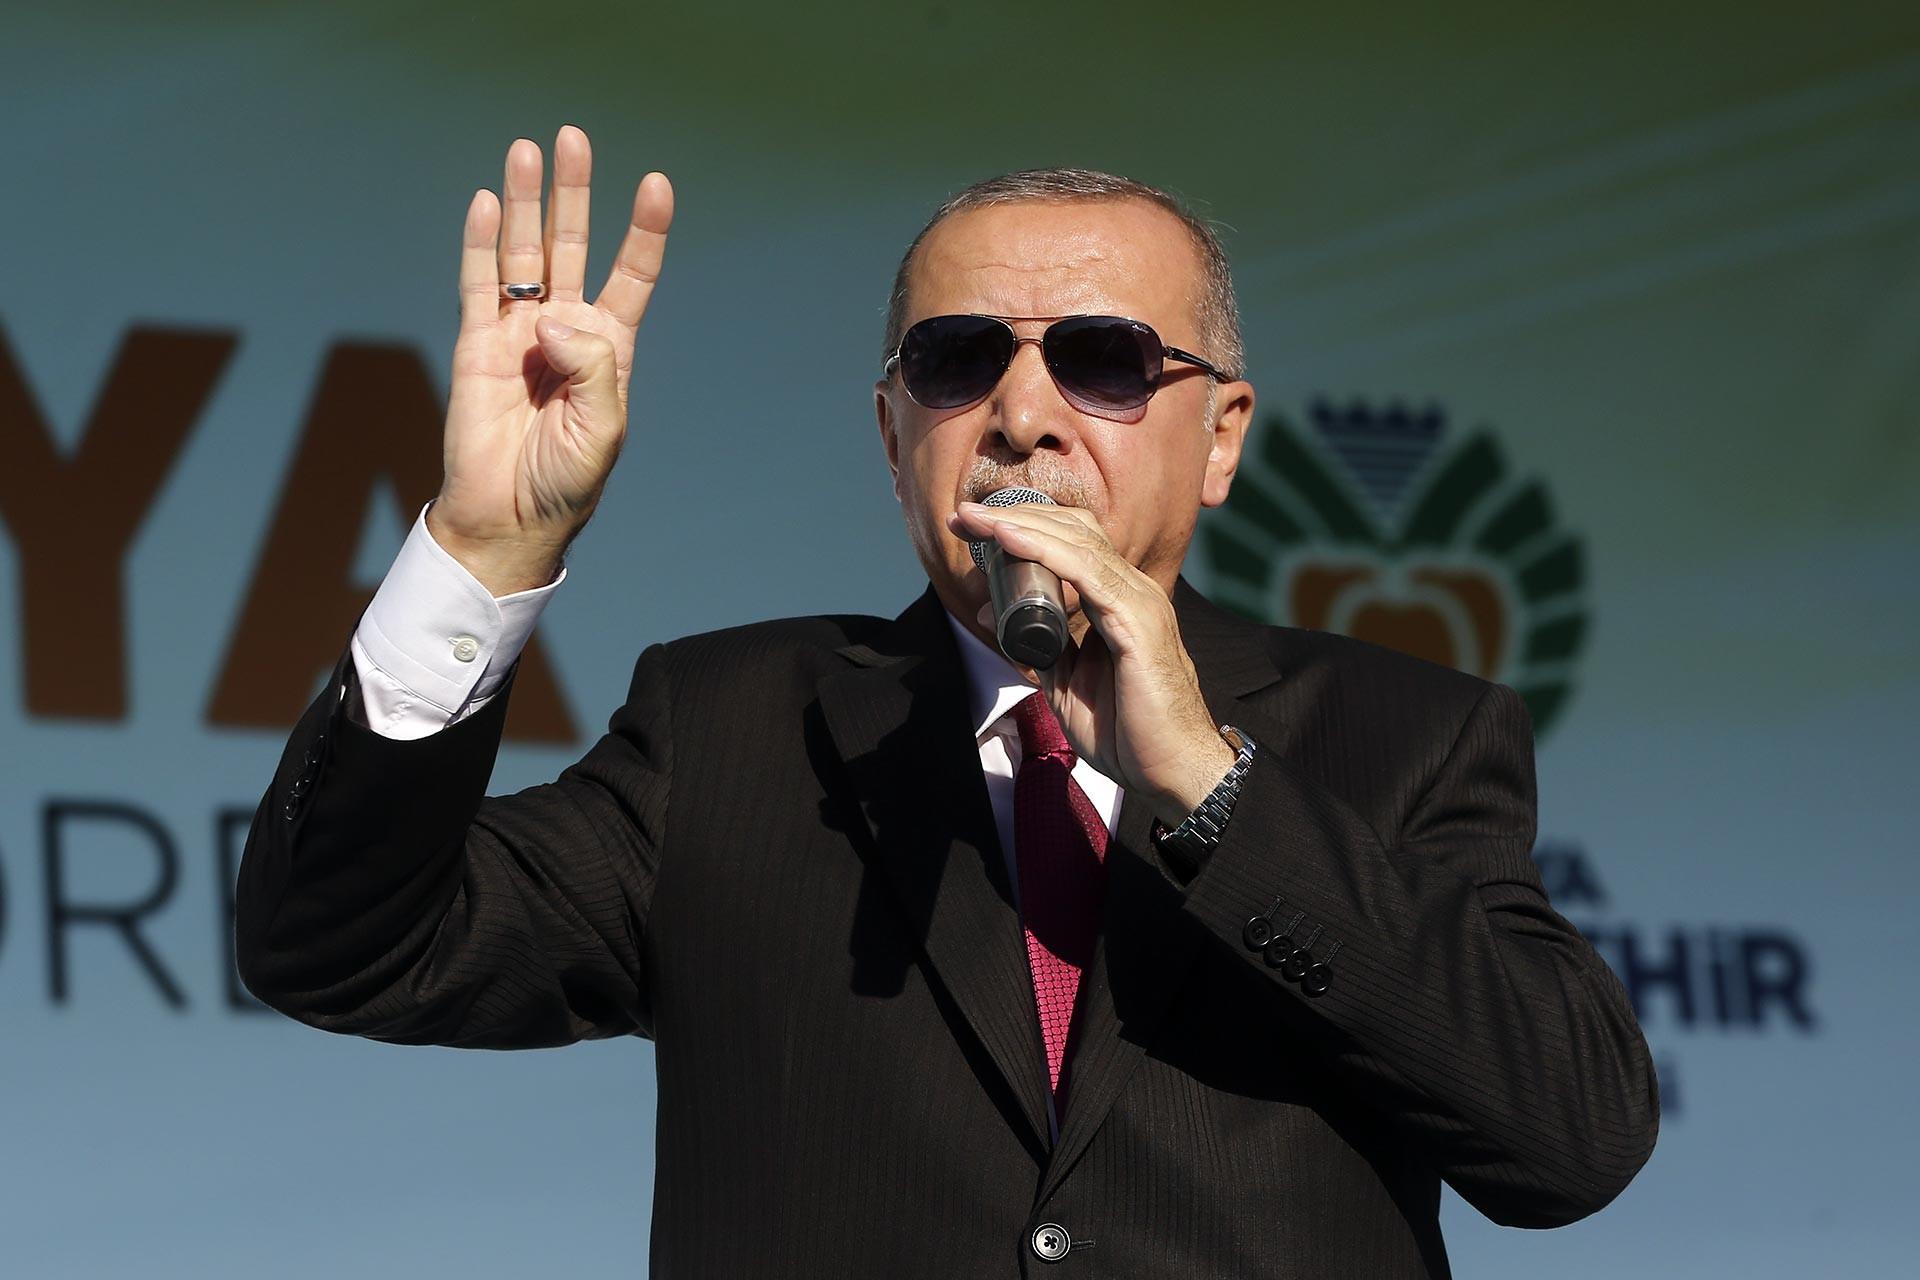 Erdoğan'dan 'güvenli bölge' açıklaması: ABD güvenli bölgeyi terör örgütü için istiyor